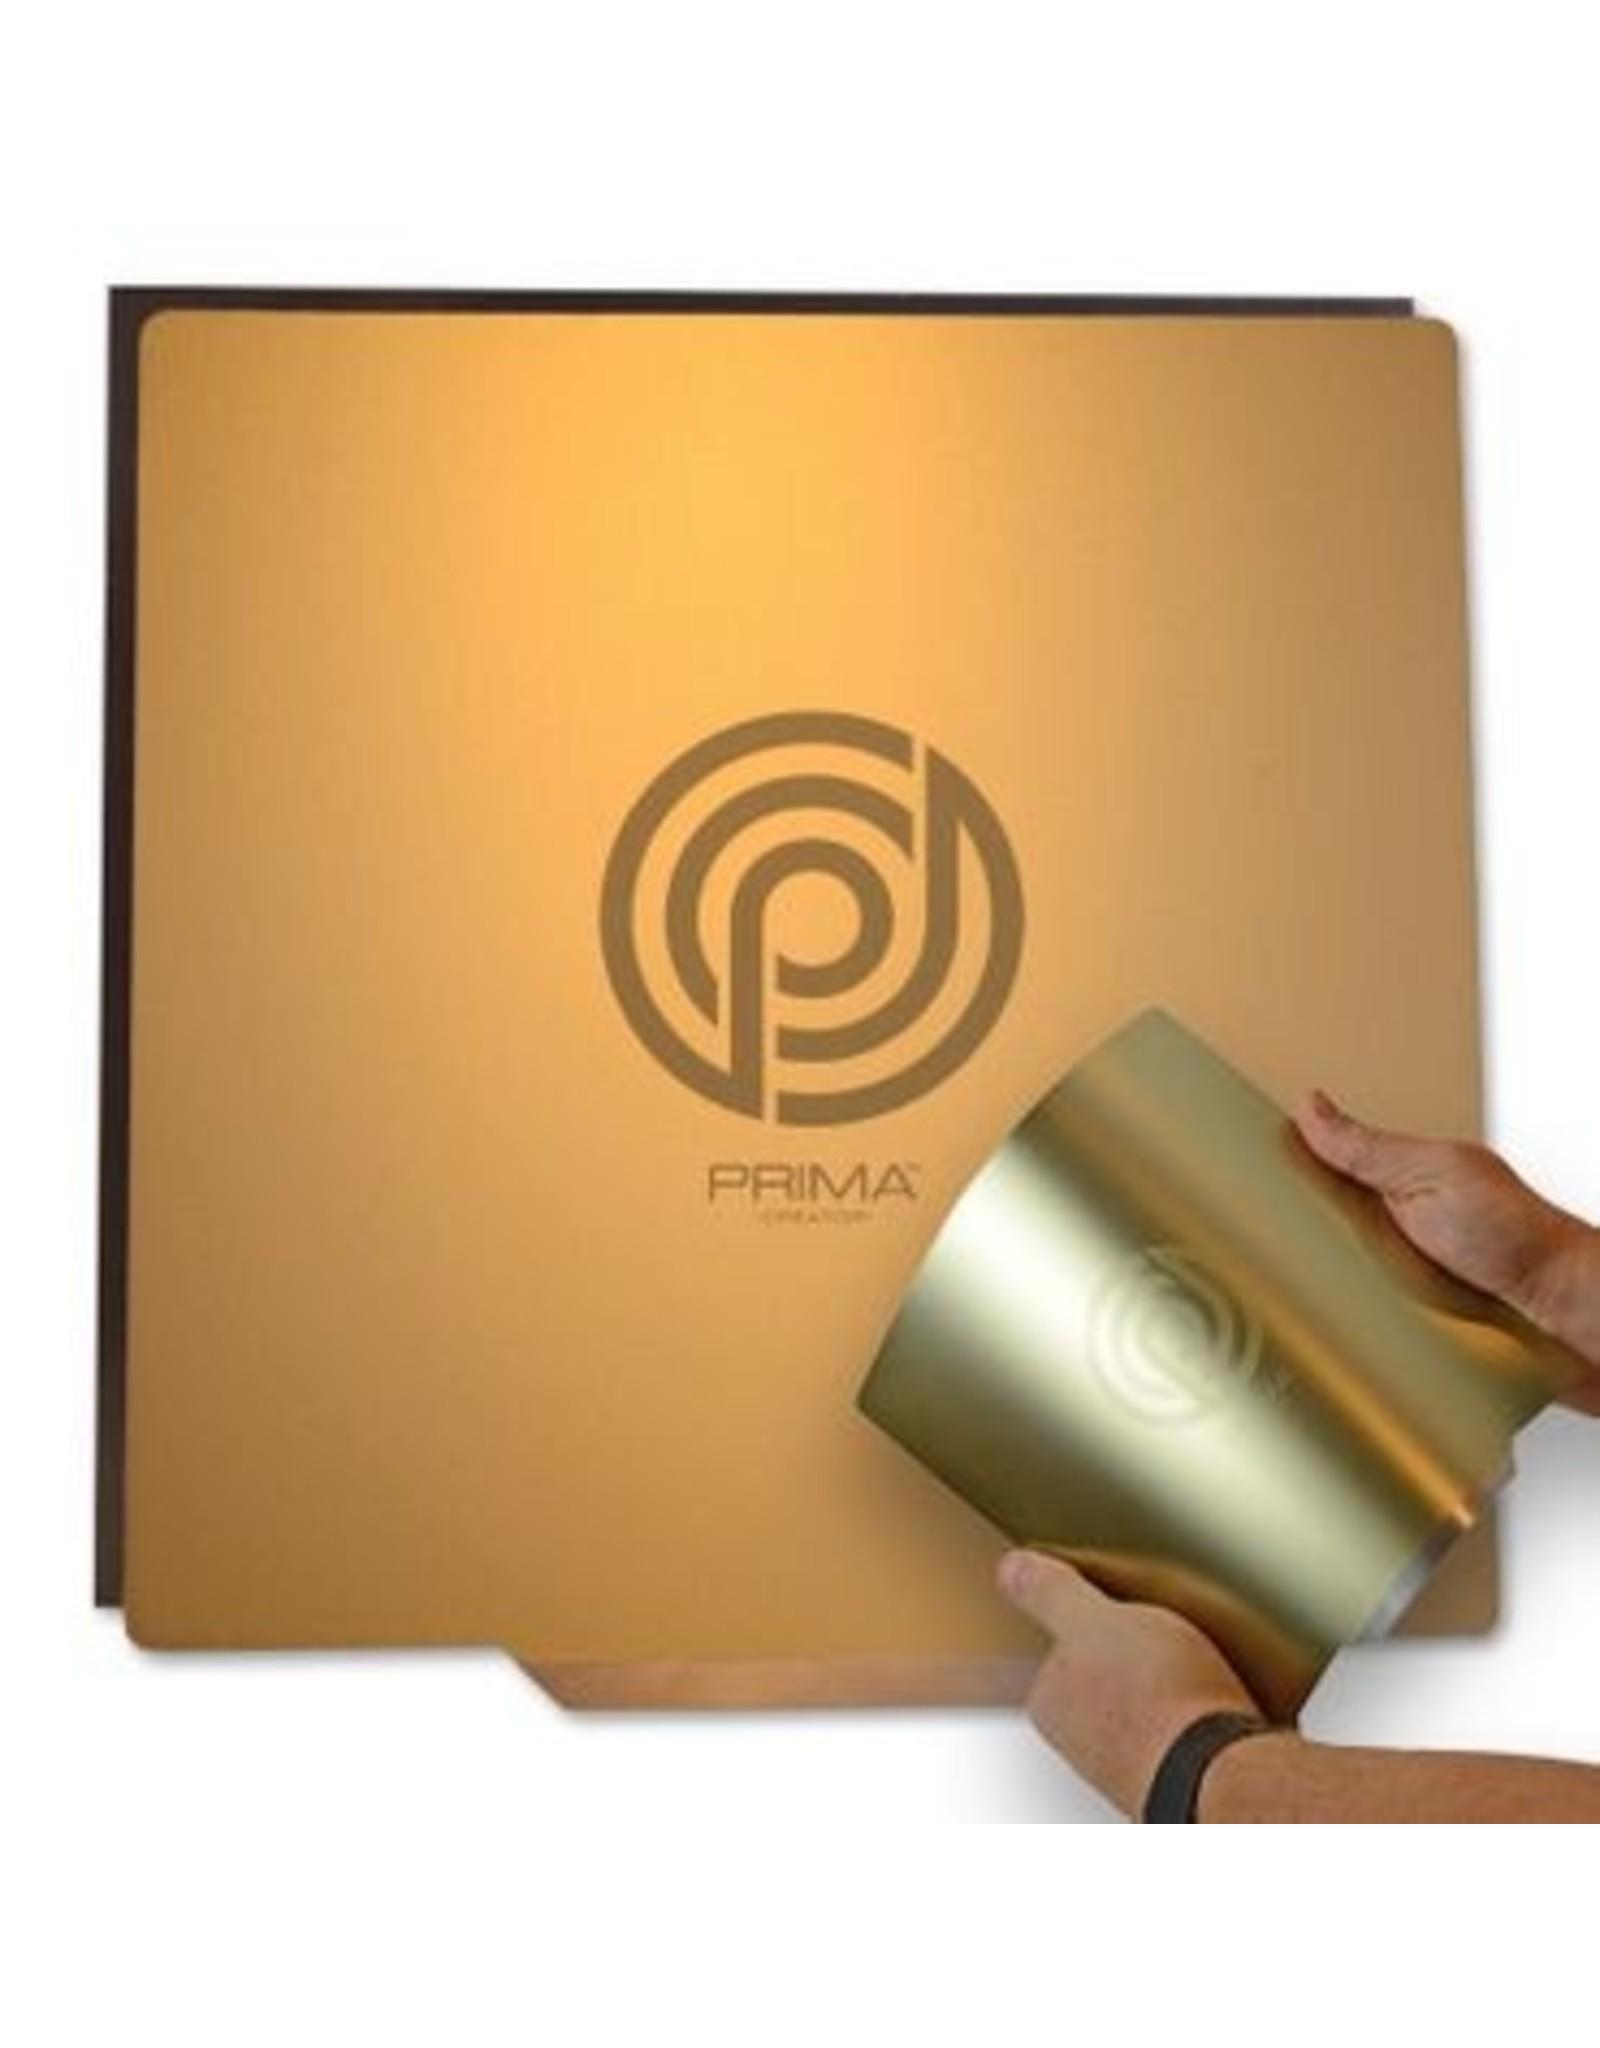 Prima PrimaCreator FlexPlate PEI 310 x 310 mm